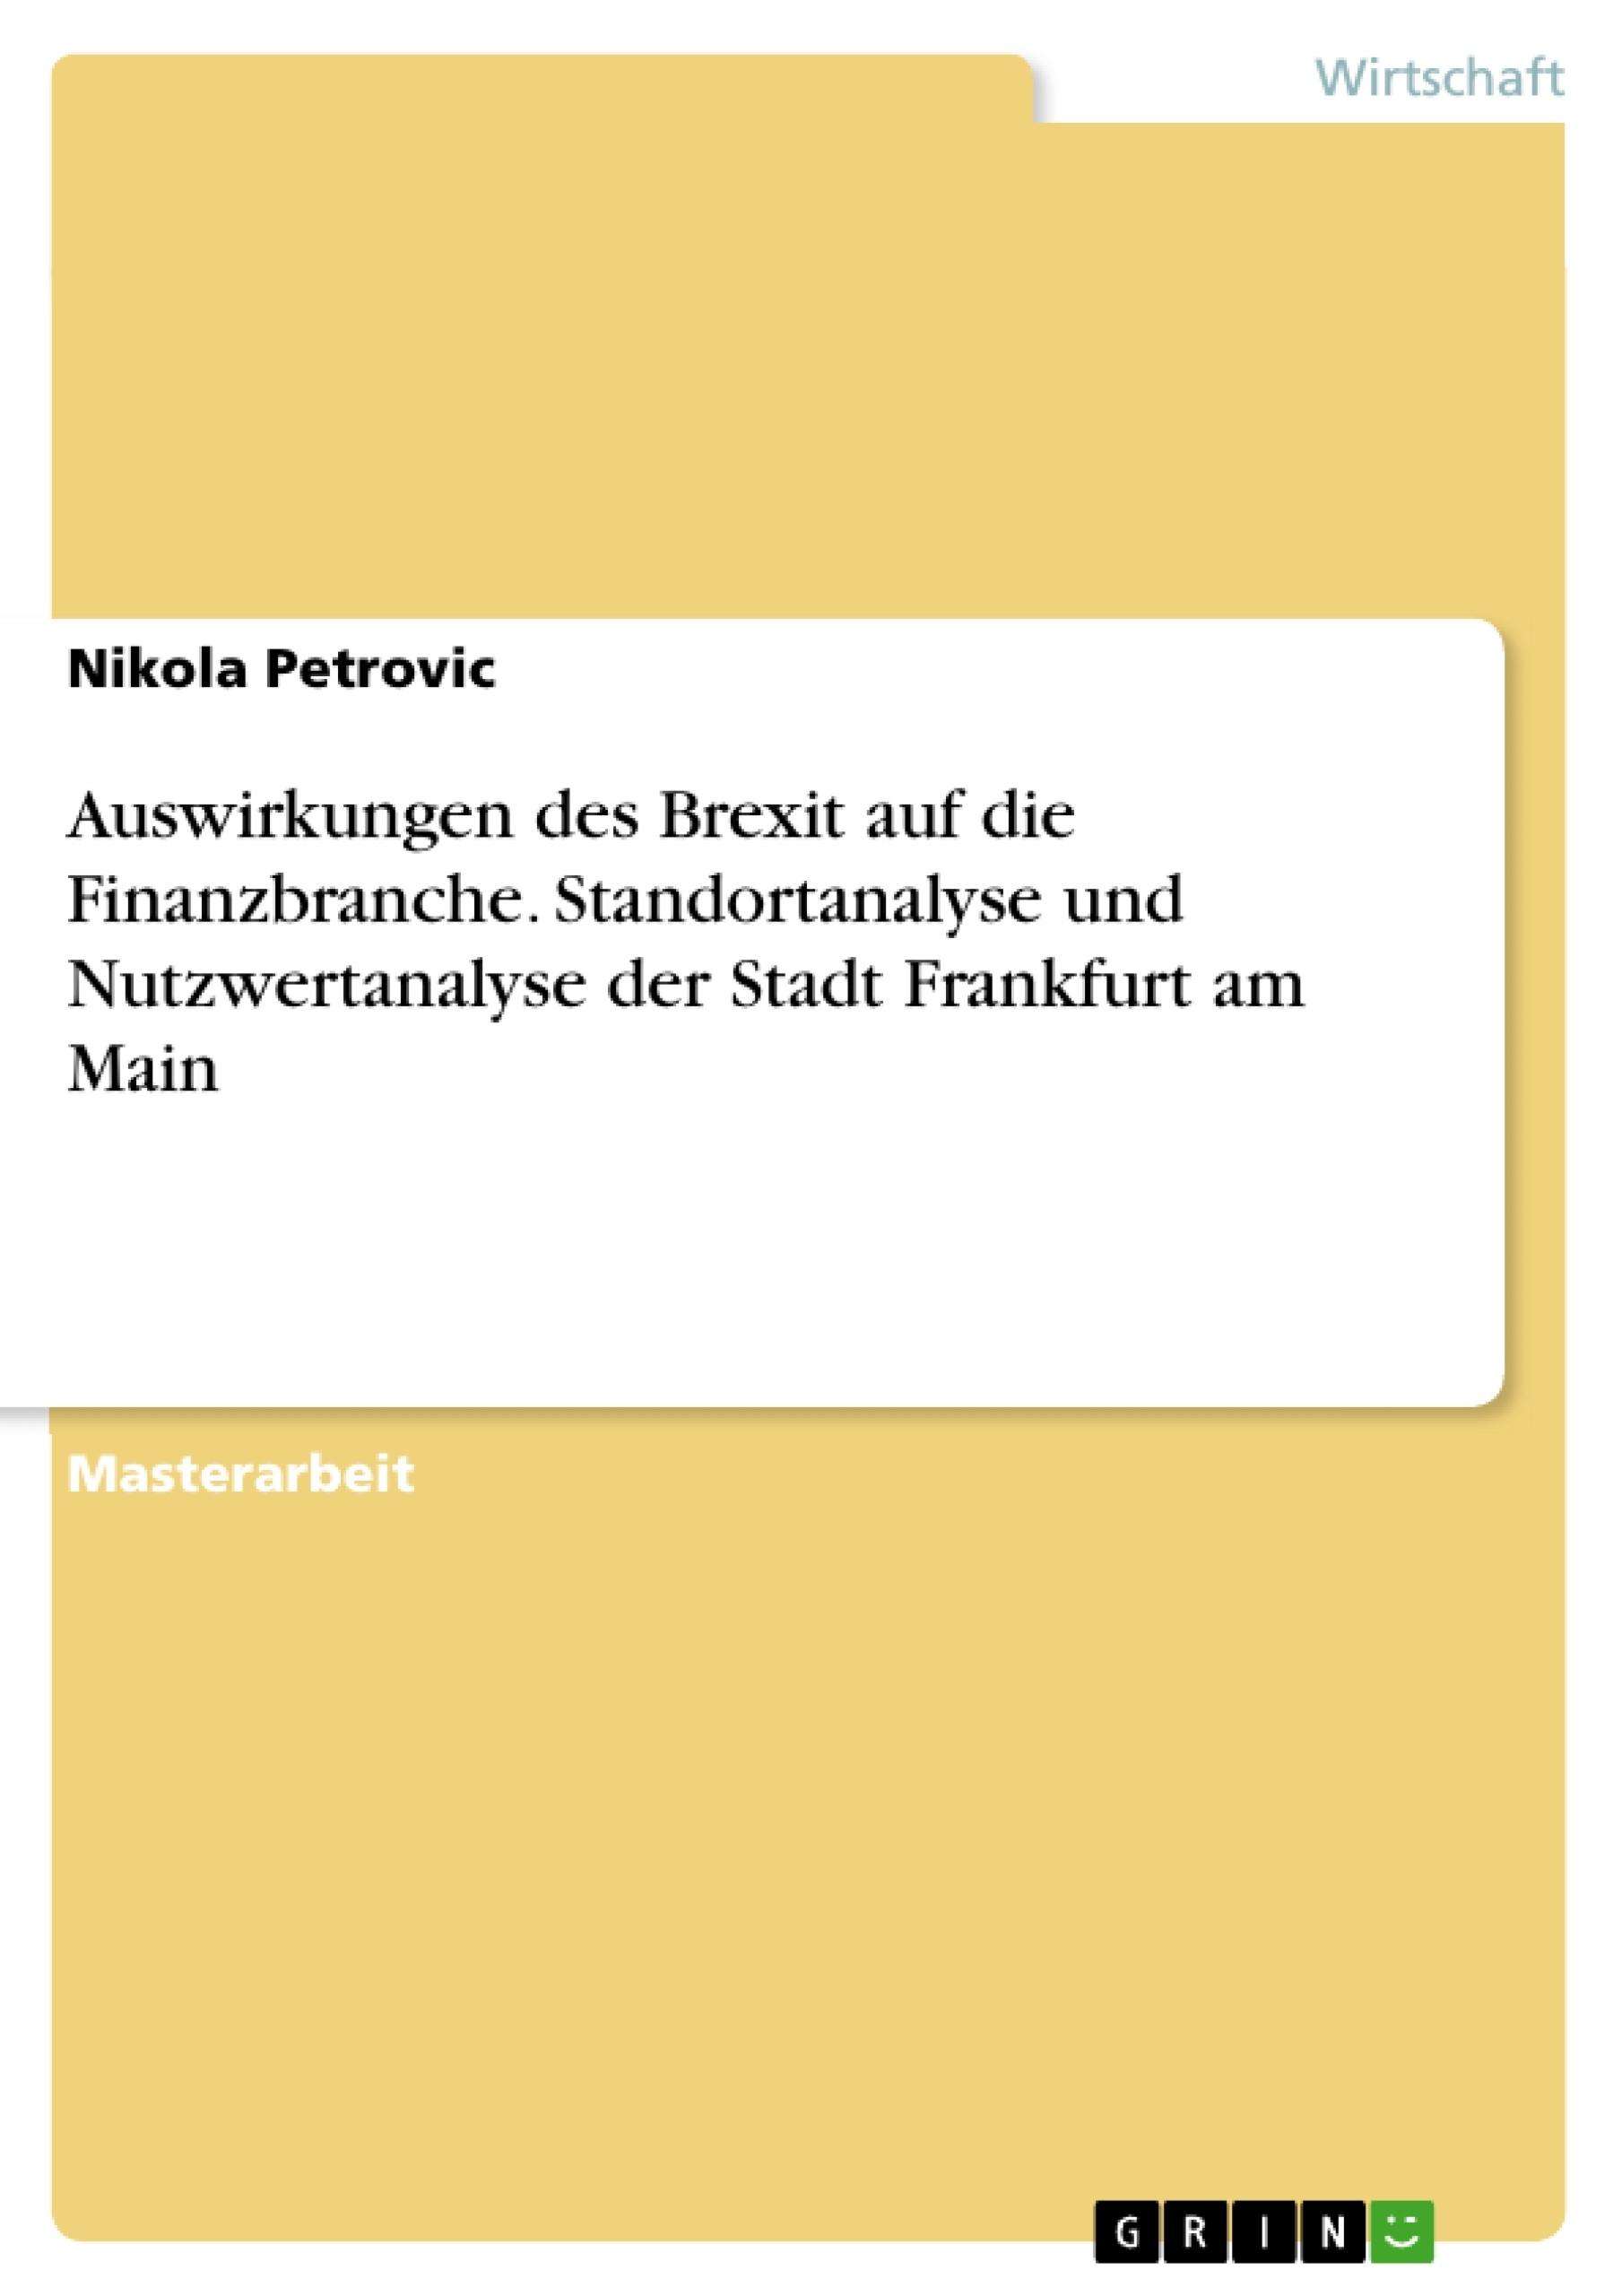 Titel: Auswirkungen des Brexit auf die Finanzbranche. Standortanalyse und Nutzwertanalyse der Stadt Frankfurt am Main